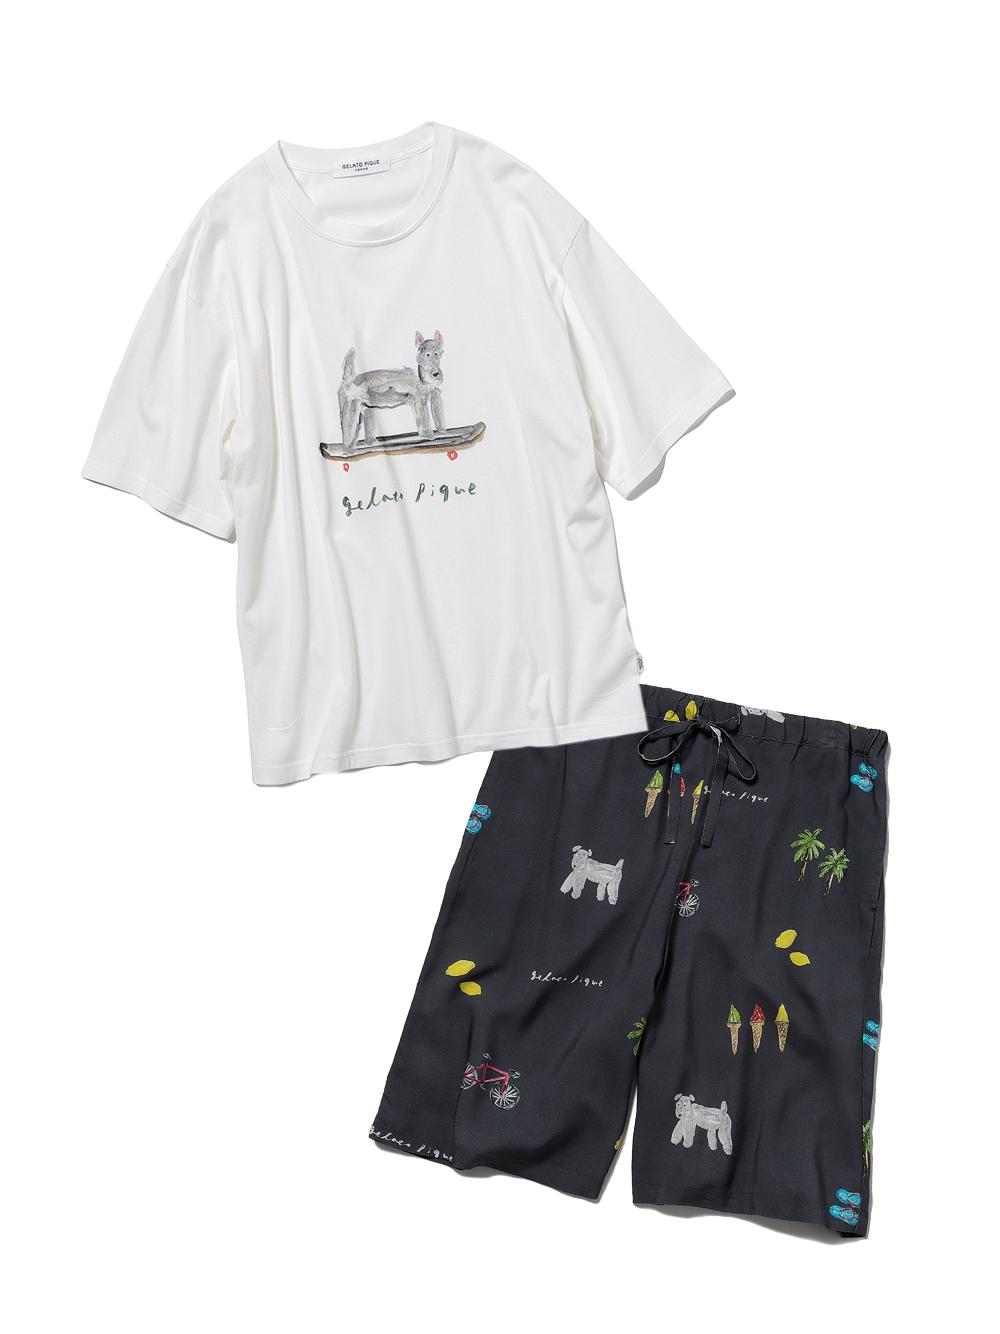 【ラッピング】【HOMME】サマーモチーフ柄Tシャツ&ハーフパンツSET(NVY-M)